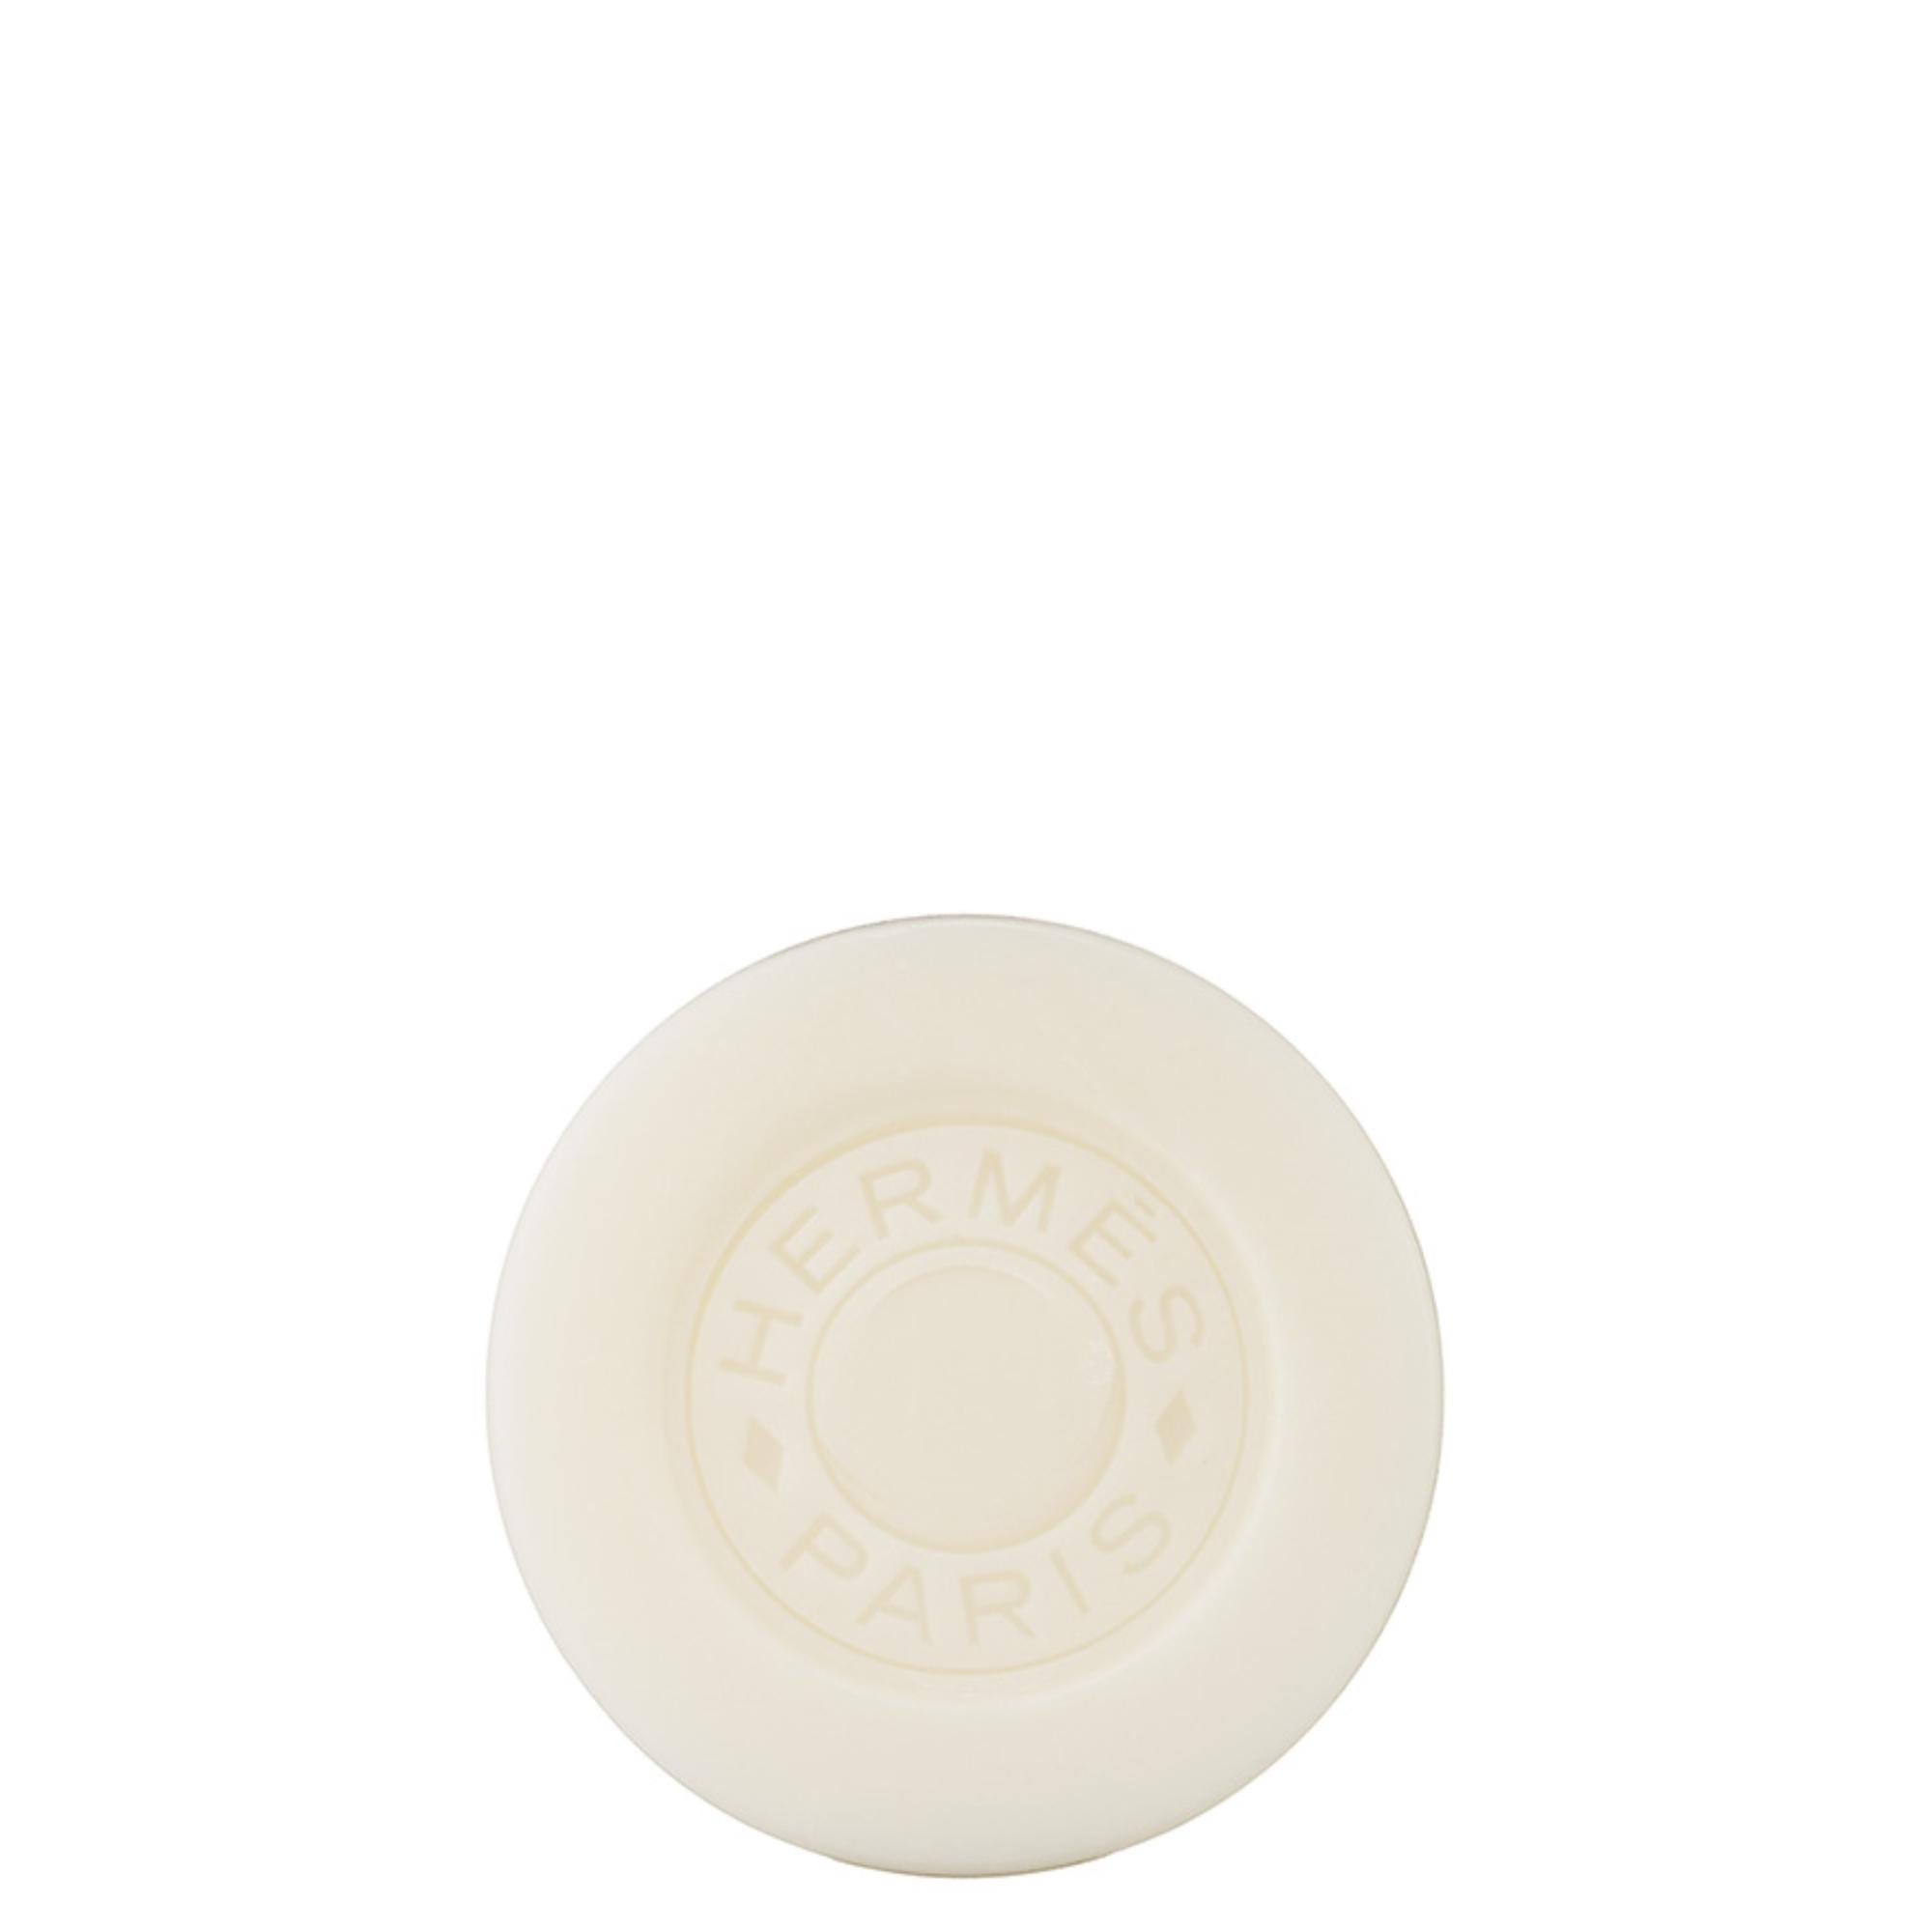 Terre d'Hermès Soap 100g